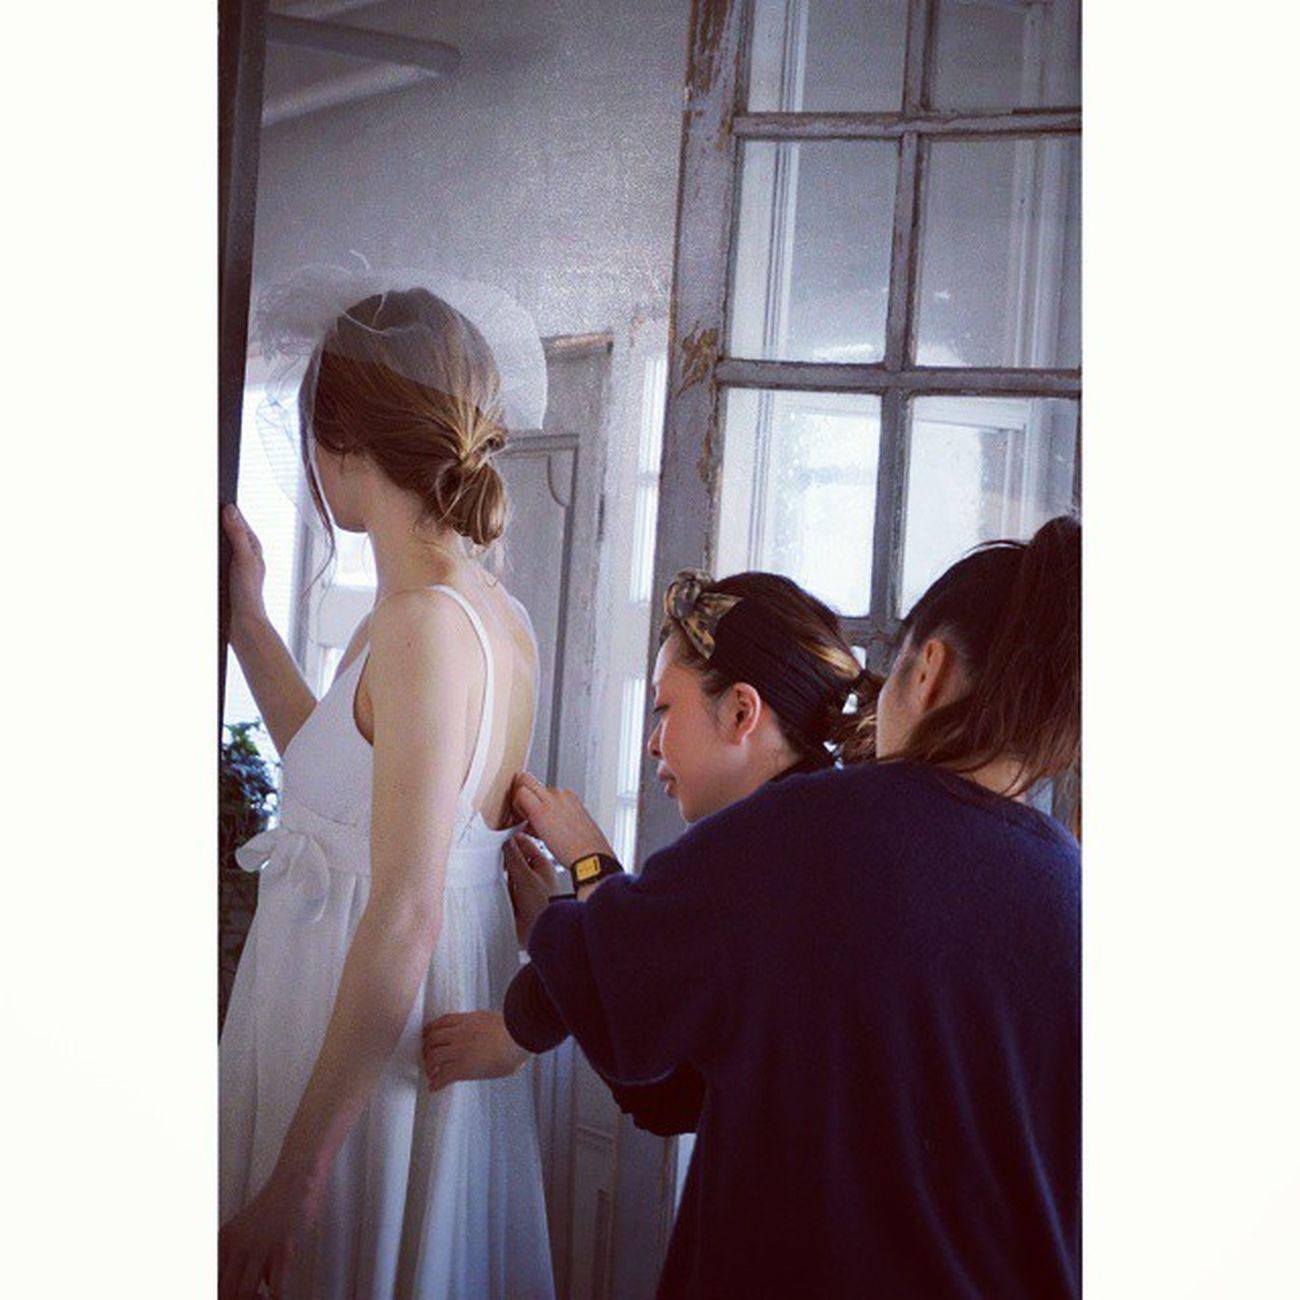 クリオマリアージュでは、只今明るくてファッション好きのドレススタイリストを募集中です❣ ご新郎ご新婦様の幸せのお手伝いを共に一緒にクラフツマンシップ魂でお手伝いして頂ける方のお申し込みお待ちしております。 詳細は4/16投稿のブログをご覧下さい。 http://ameblo.jp/cliomariage/entry-12015060873.html ウェディングドレス Cliomariage Weddingdress Dress ドレス カラードレス クリオマリアージュ タキシード ガーデンウエディング Wedding ウェディング 結婚 結婚式 結婚式準備 Accessory アクセサリー ヘッドドレス ギフト ブライダル Fashion ファッション ナチュラル 東京 渋谷 Japan 婚纱撮影ドレススタイリスト求人求人